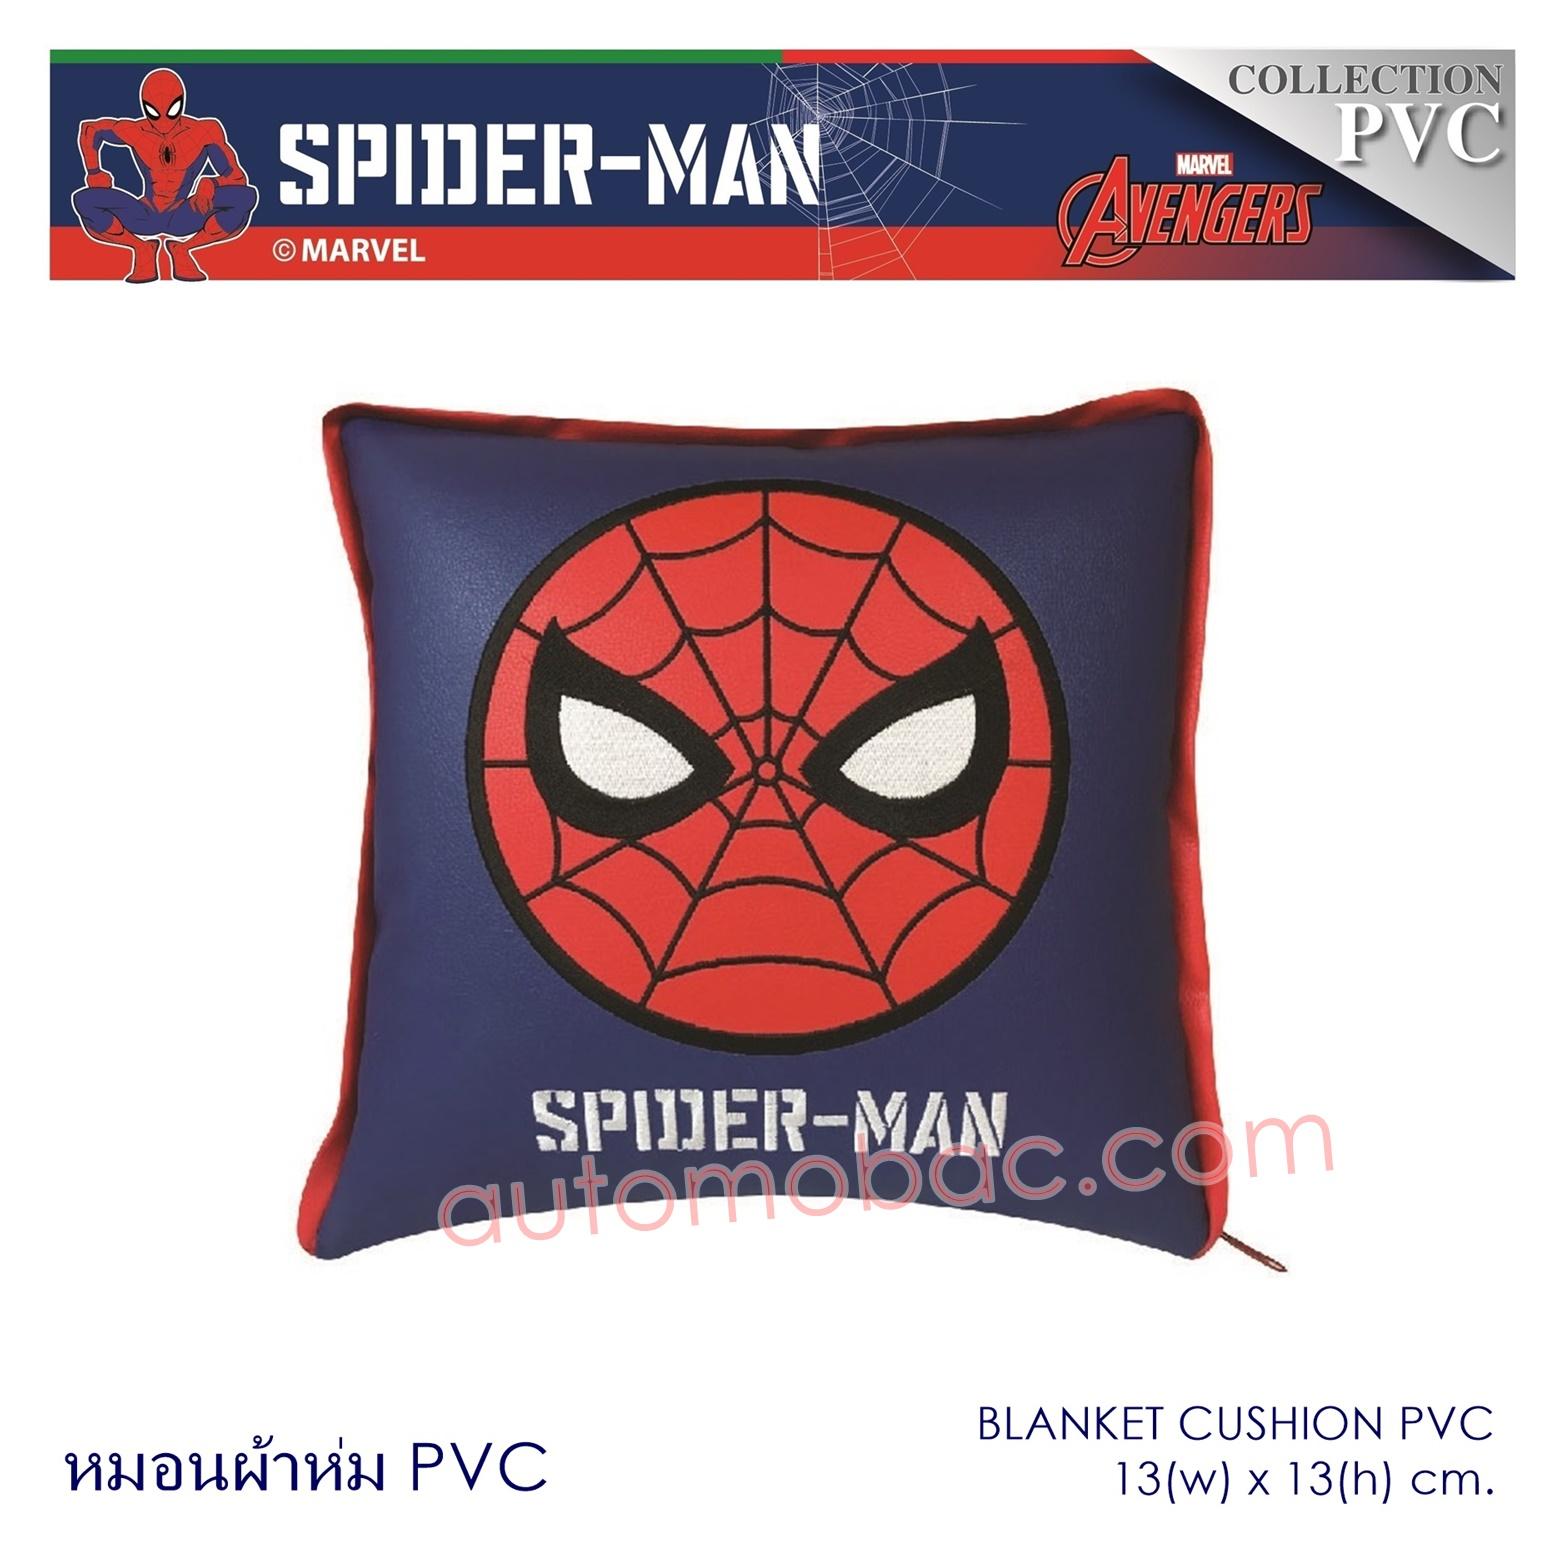 Spider-man หมอนผ้าห่ม 2 in 1 ผลิตจาก PVC เกรด A ขนาดประมาณ 85x140 cm. ใช้ได้ทั้งในรถ และในบ้าน